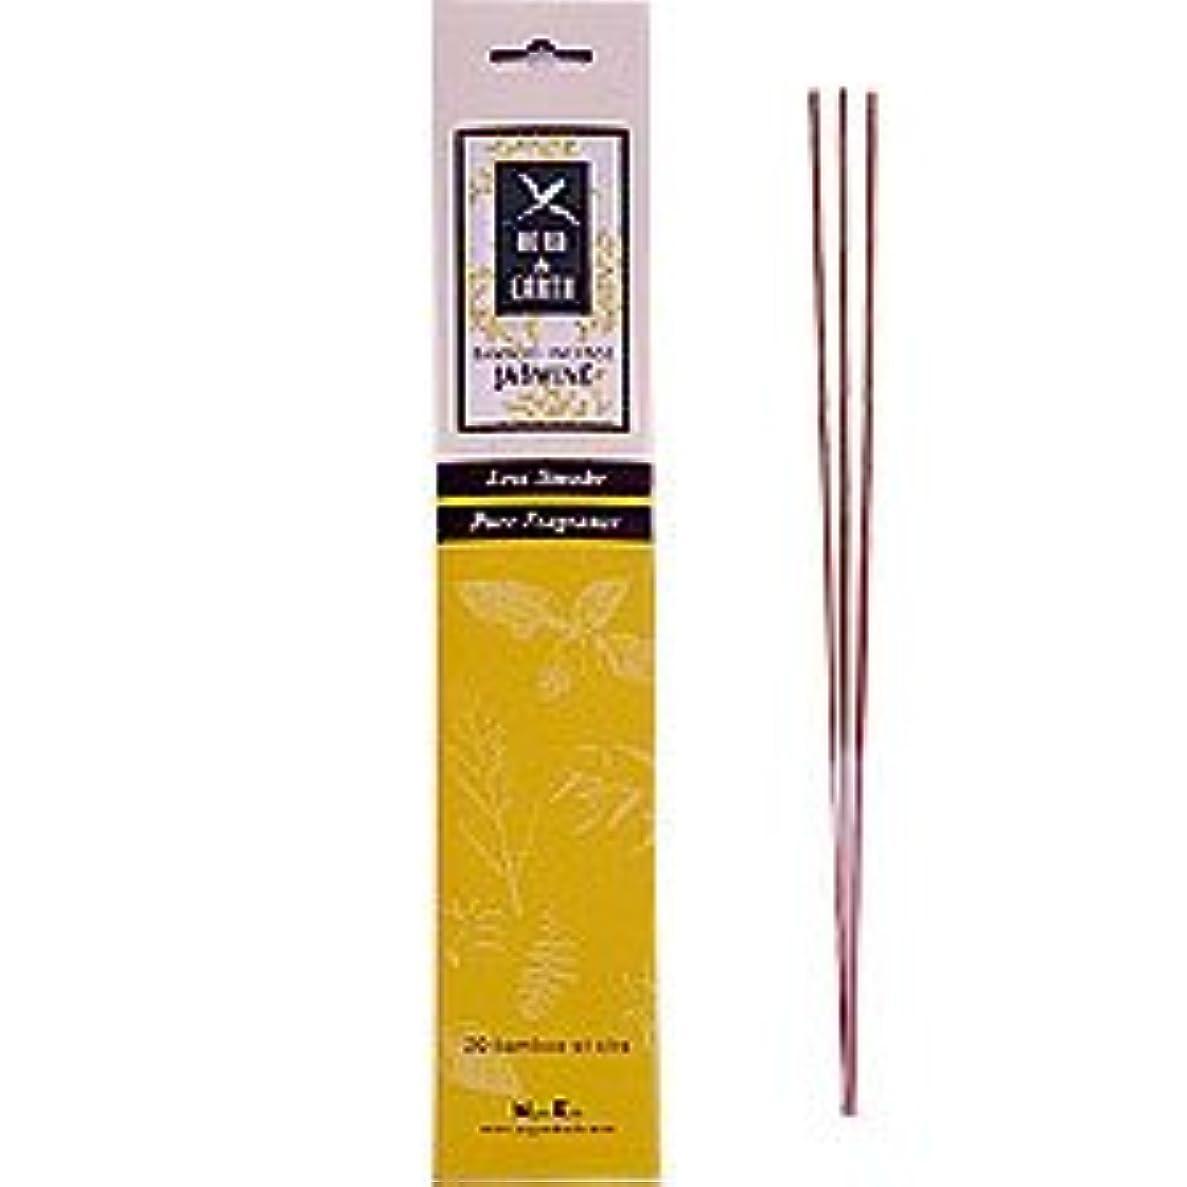 顔料割り当てます分析するジャスミン – Herb and Earth IncenseからNippon Kodo – 20スティックパッケージ